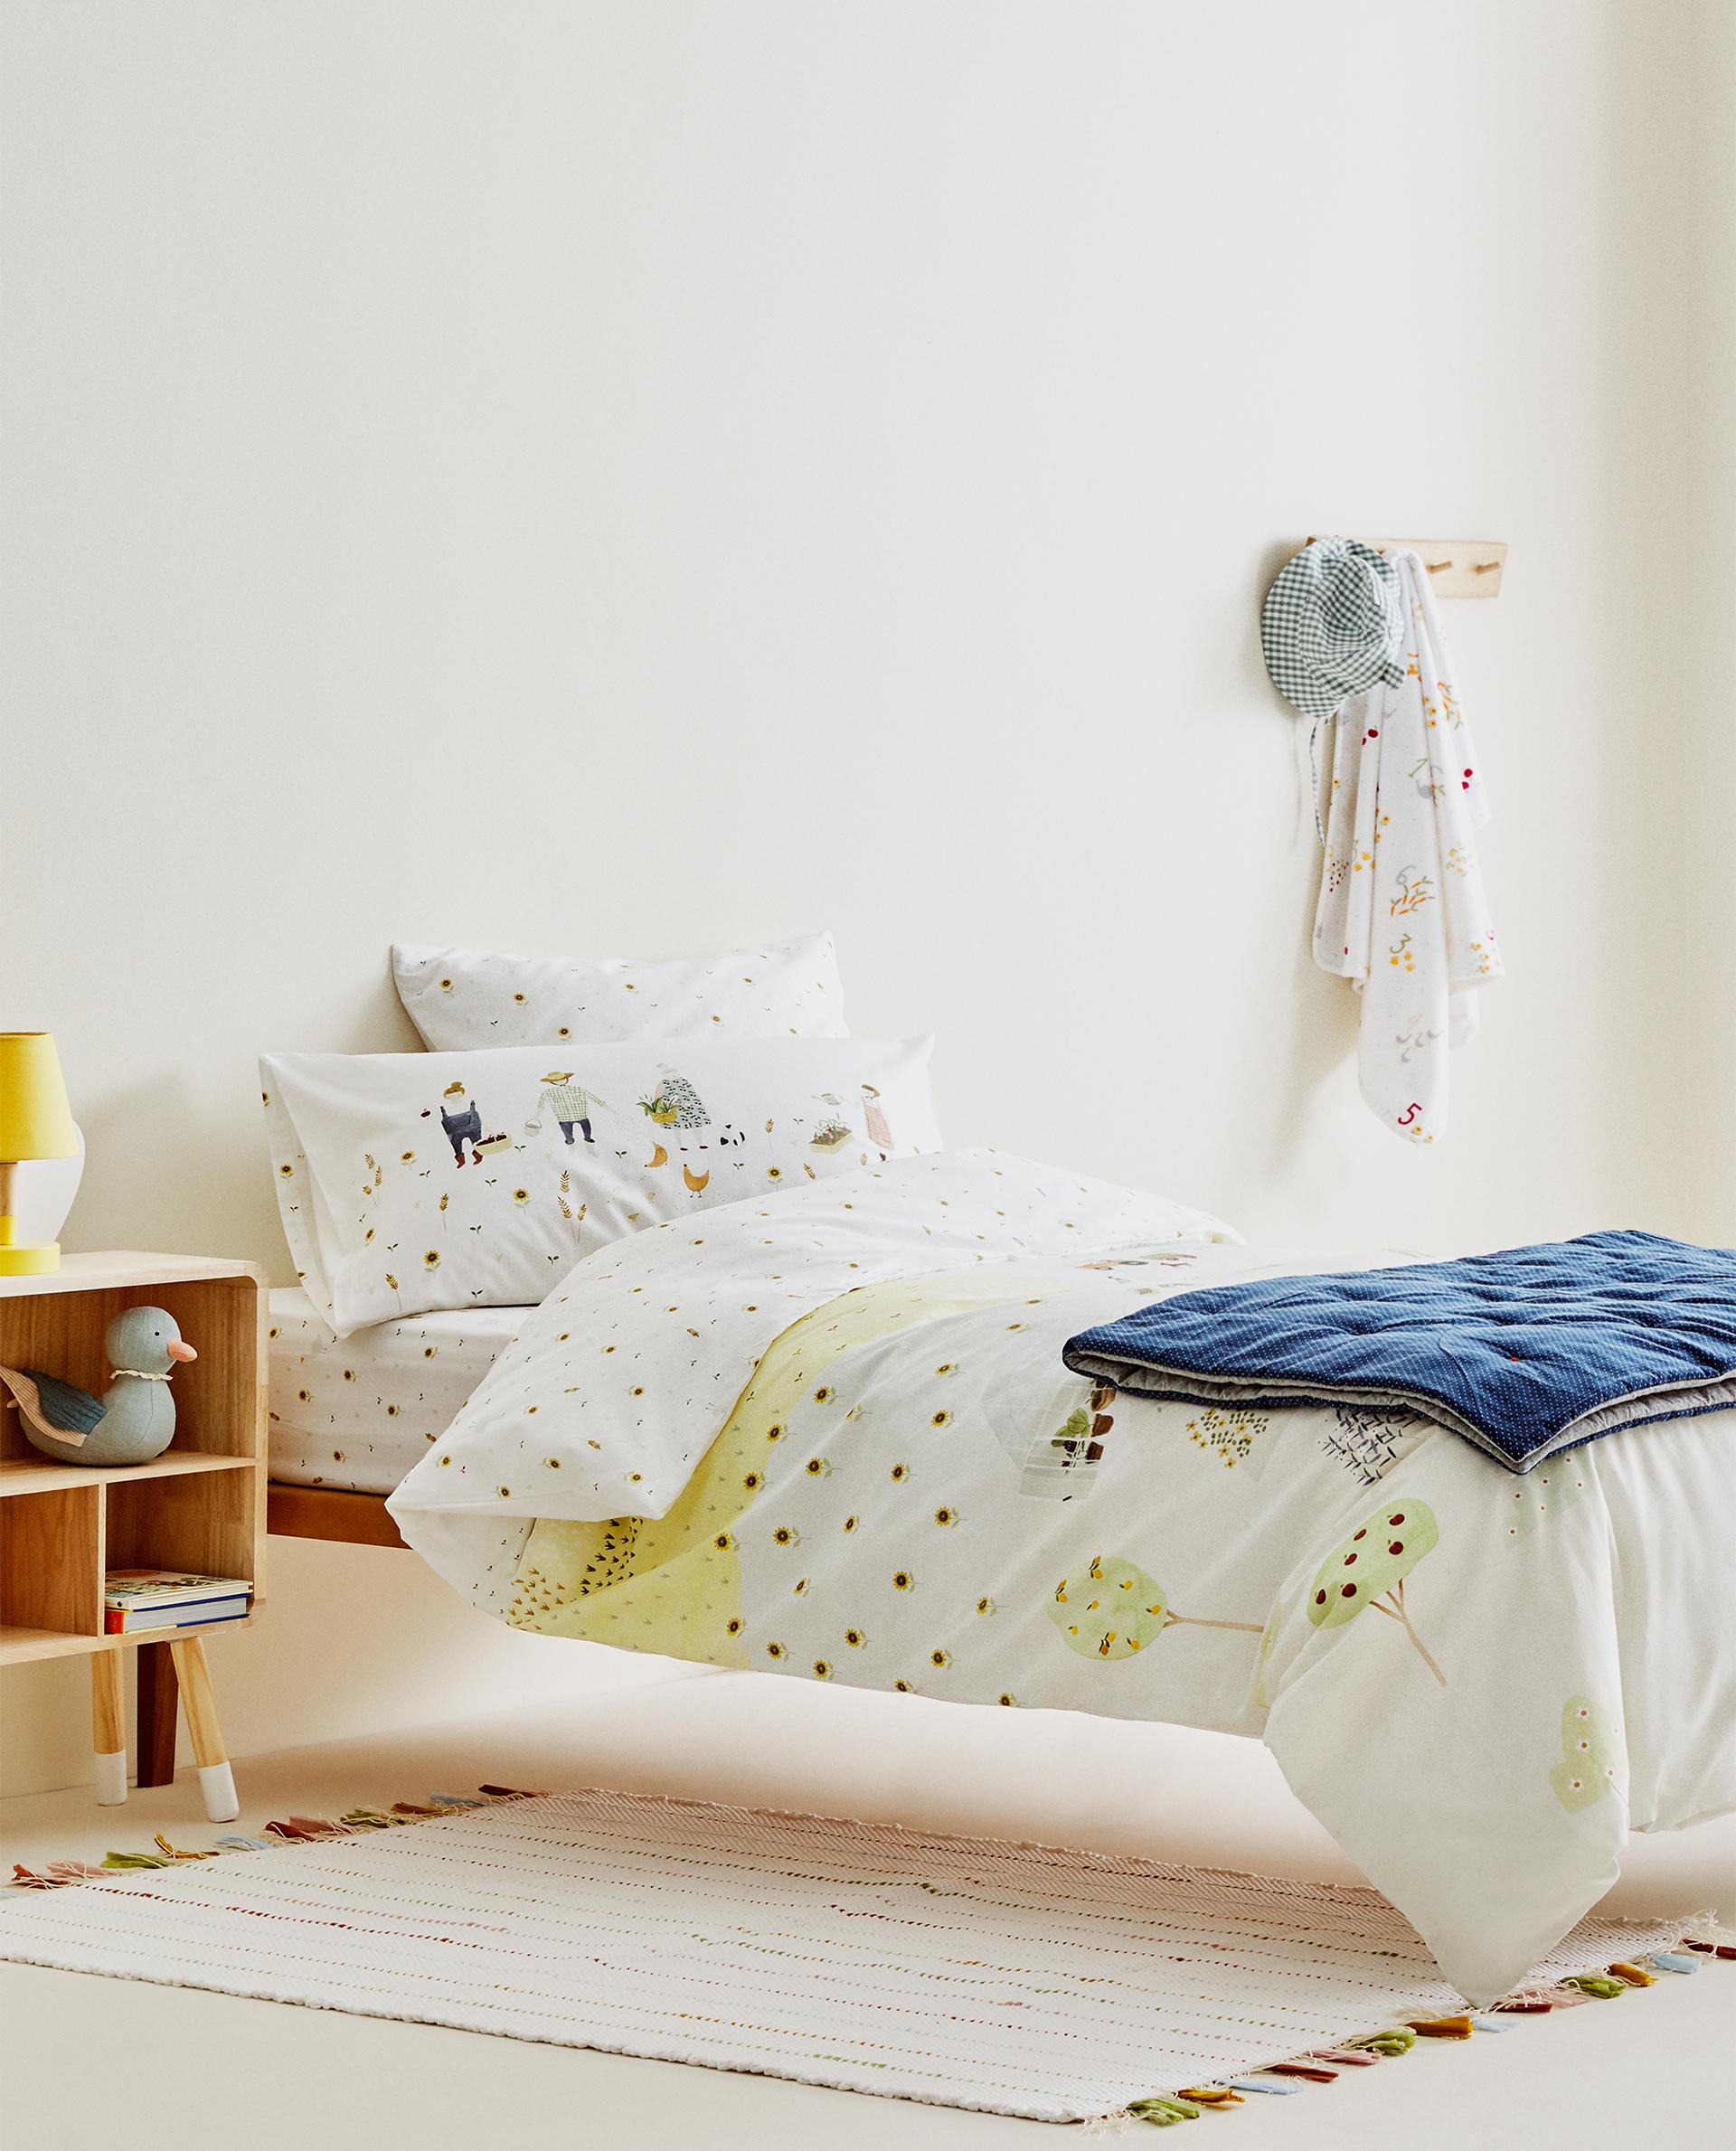 Pasta Tradicionalno Buđenje Zara Home Bed Sheets Piercingsbyveronica Com